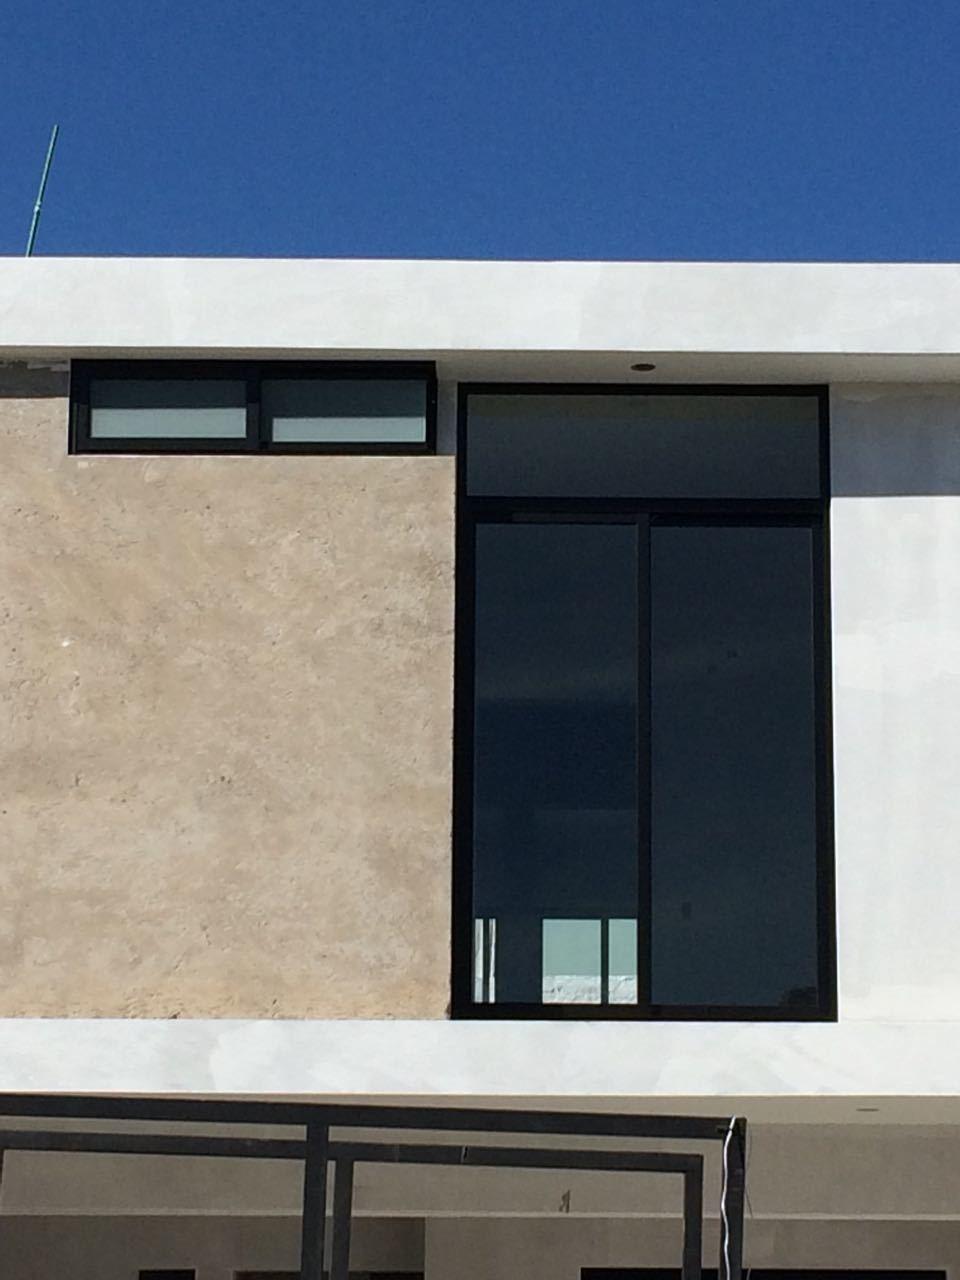 14 de 18: Últimos detalles de la fachada